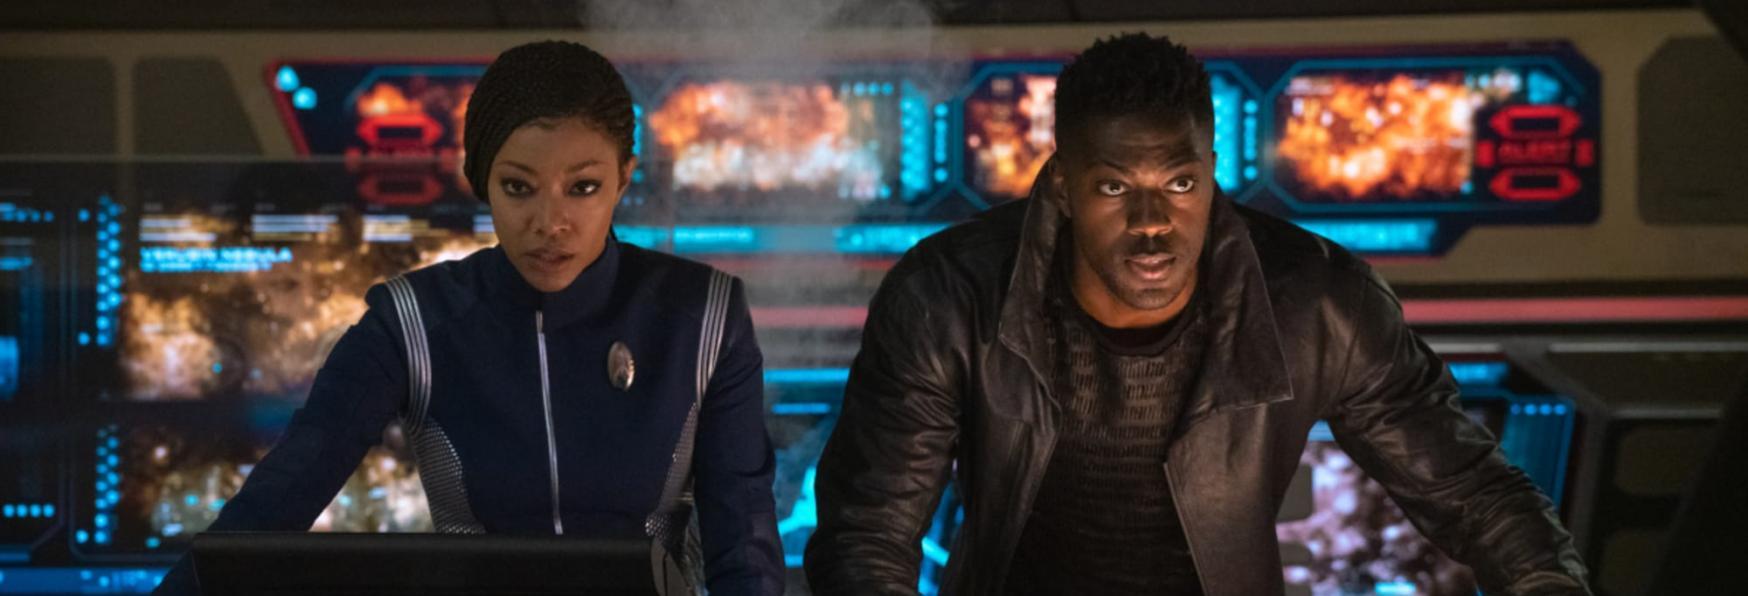 Star Trek: Discovery 3 - La Recensione dell'Undicesimo Episodio della nuova Stagione